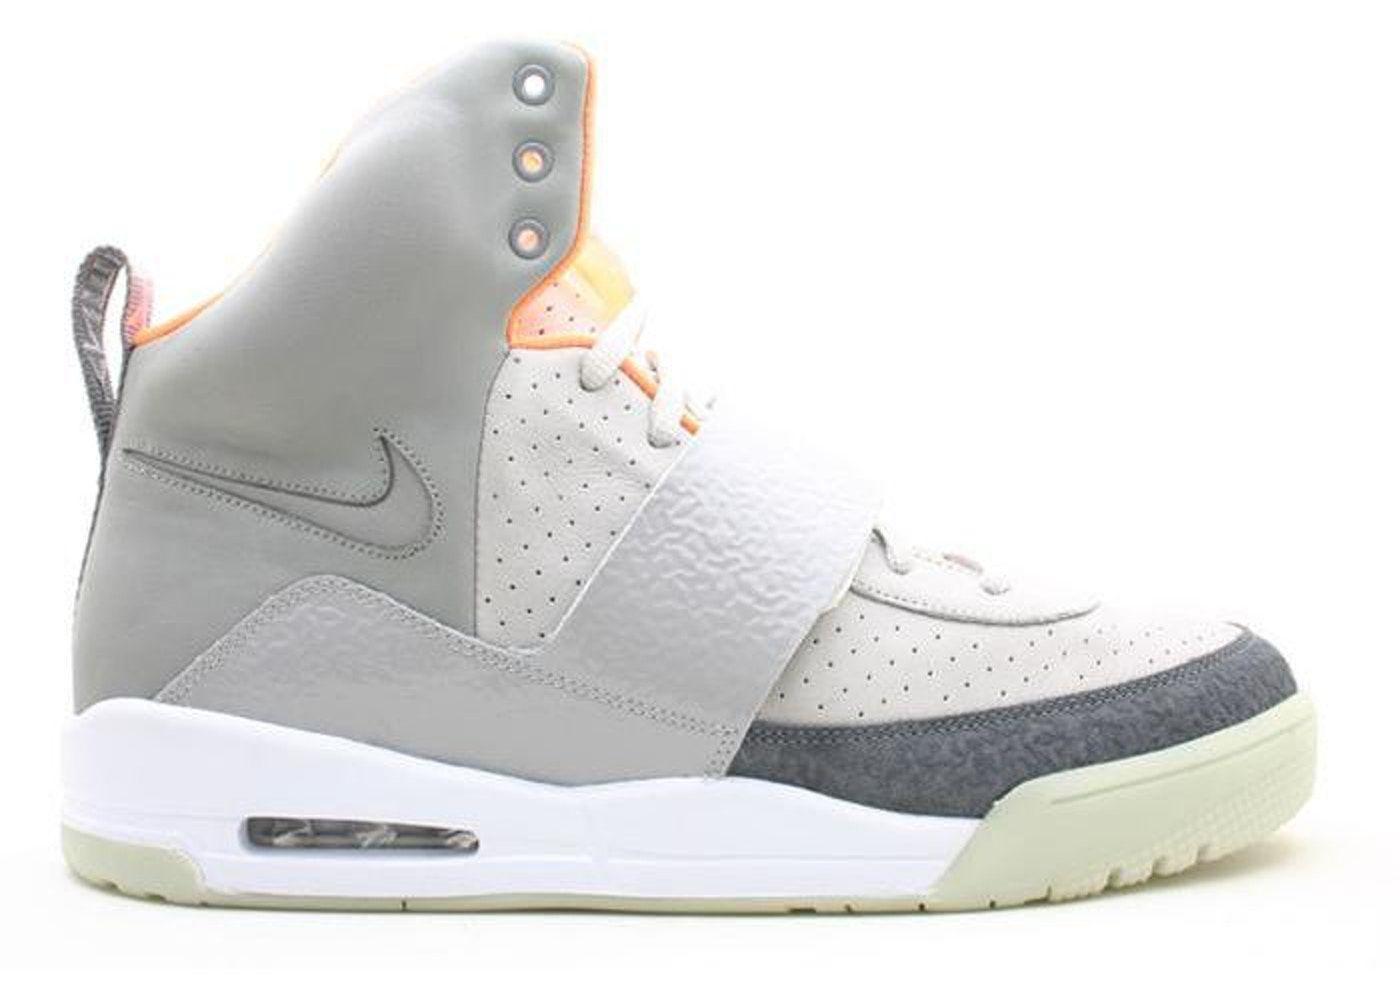 Nike Air Yeezy 1 Zen Grey in 2020